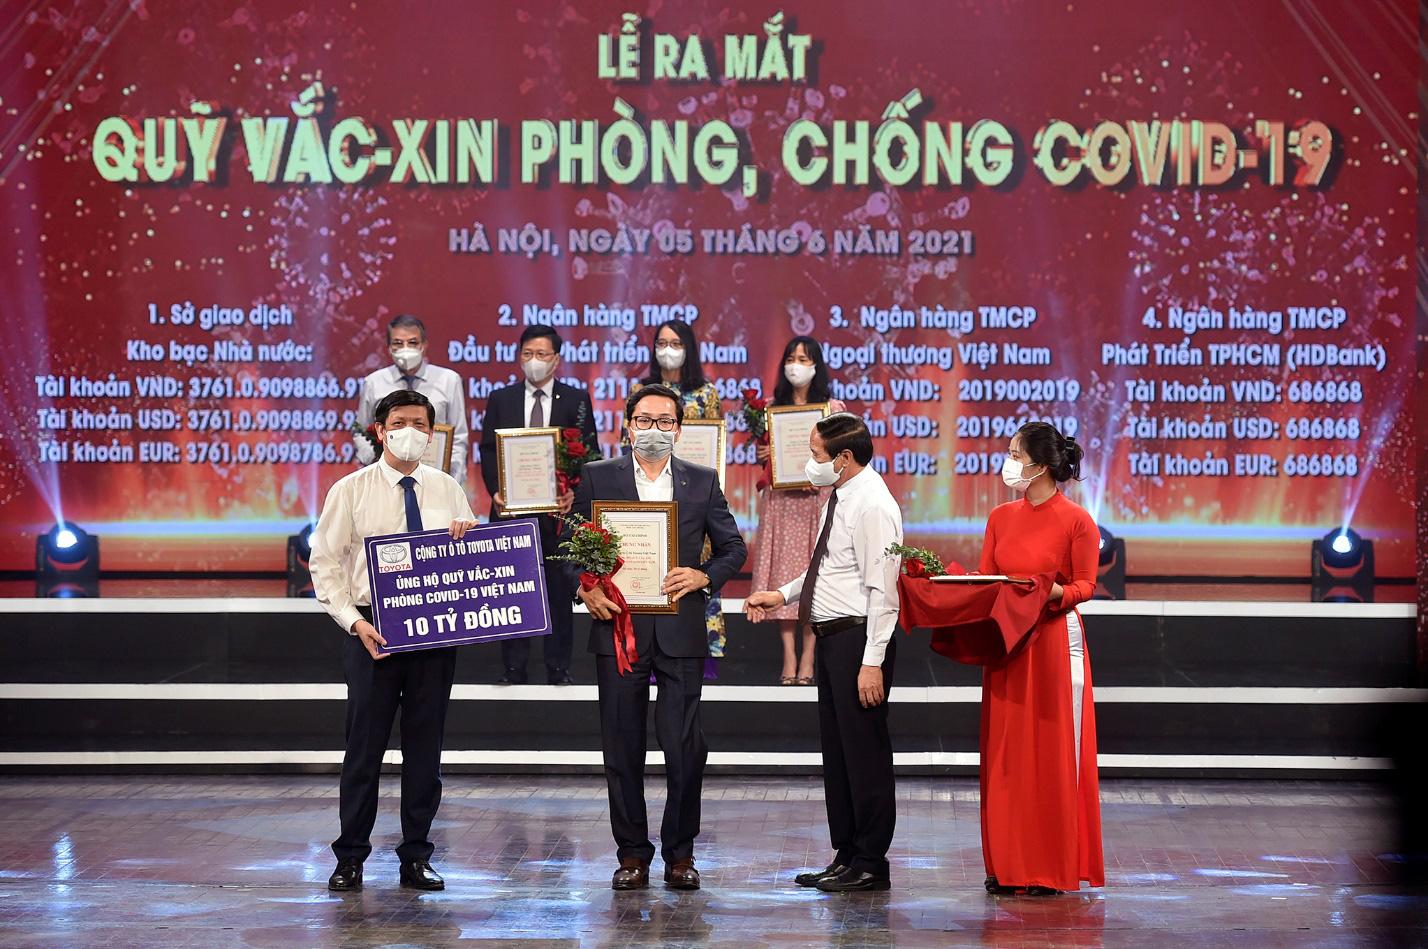 Toyota Việt Nam đồng hành cùng Việt Nam ủng hộ 10 tỷ đồng cho Quỹ Vắc-xin phòng Covid-19 - Ảnh 1.